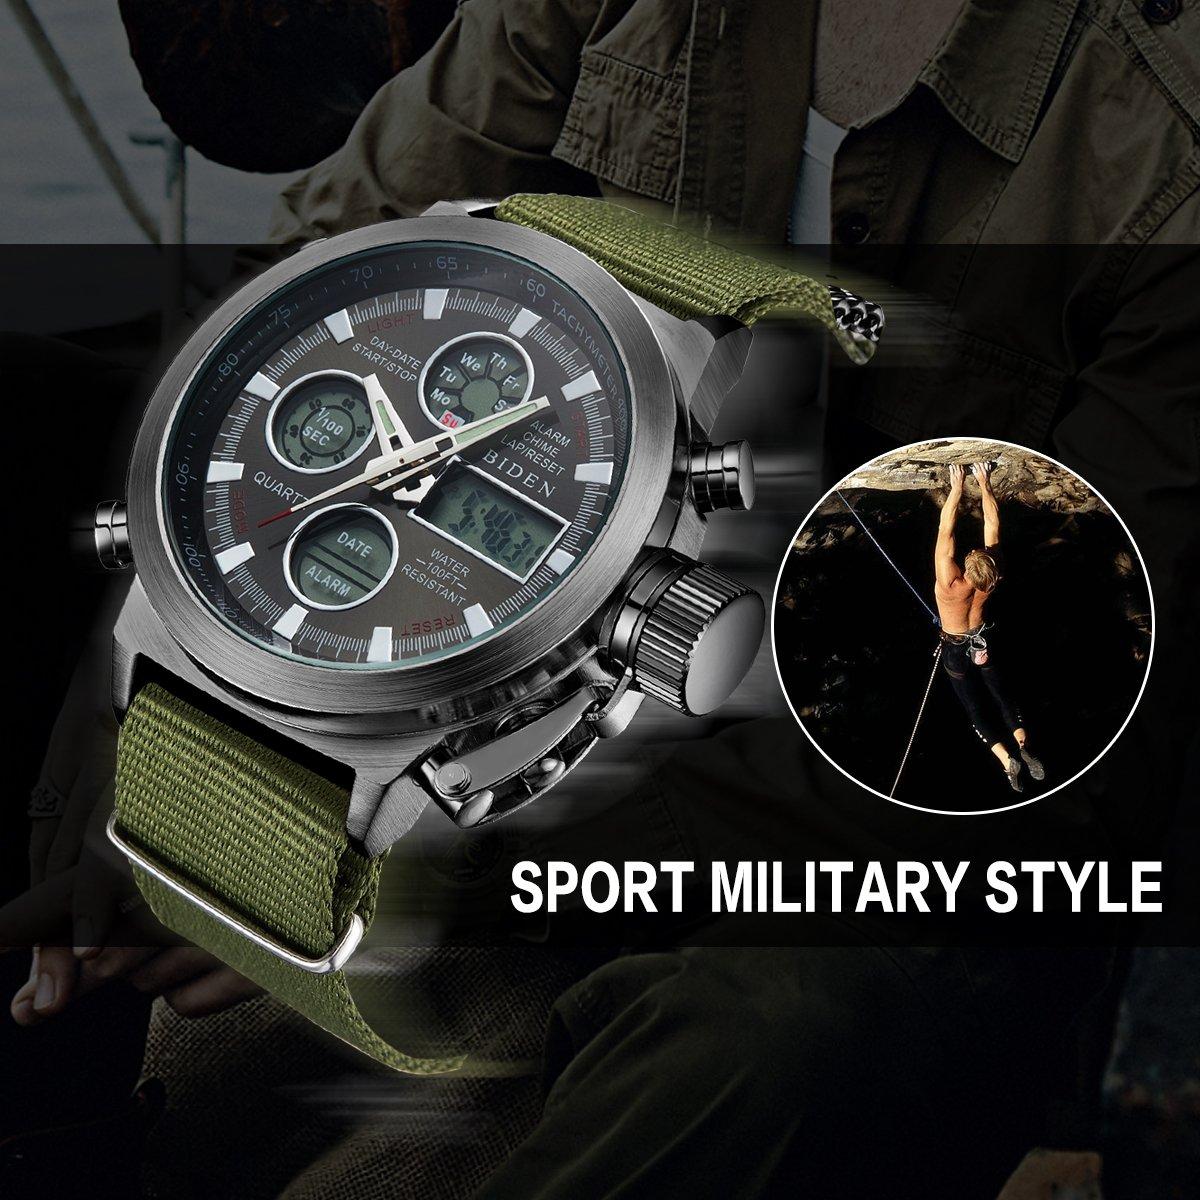 BIDEN Watch, Watch Men Digital Analog Sport Waterproof Watch,Multifunction LED Date Alarm Leather Wrist Watch (GreenBlack) by BIDEN (Image #2)